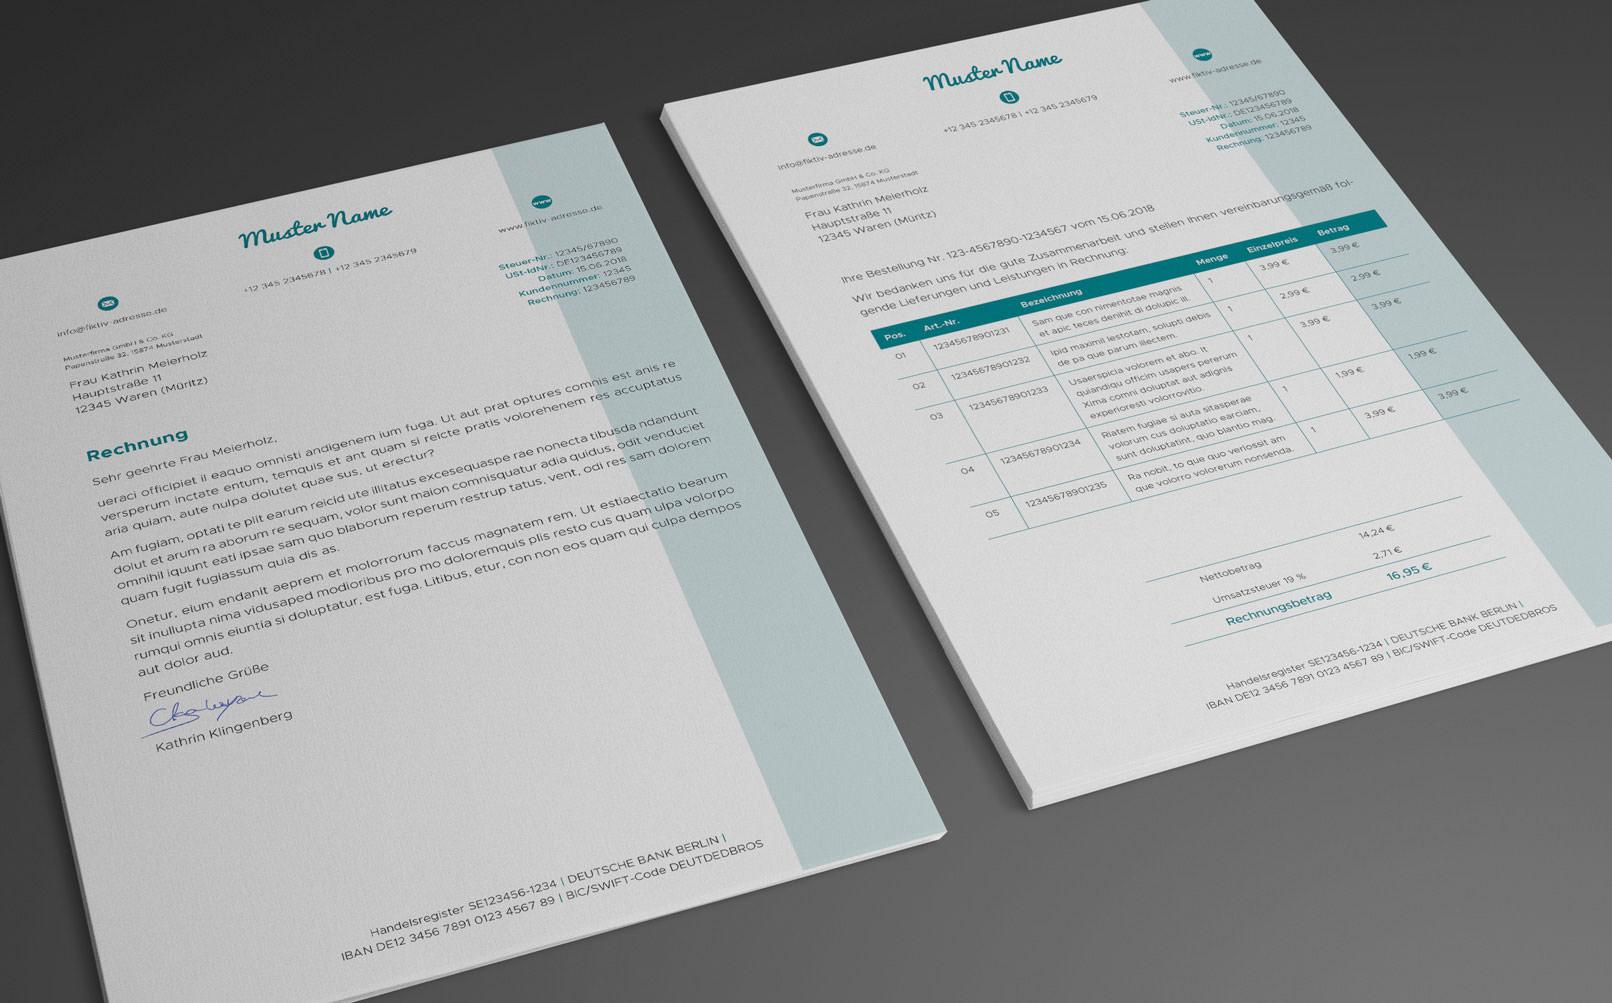 Anschreiben und Rechnungsvorlage in Blau